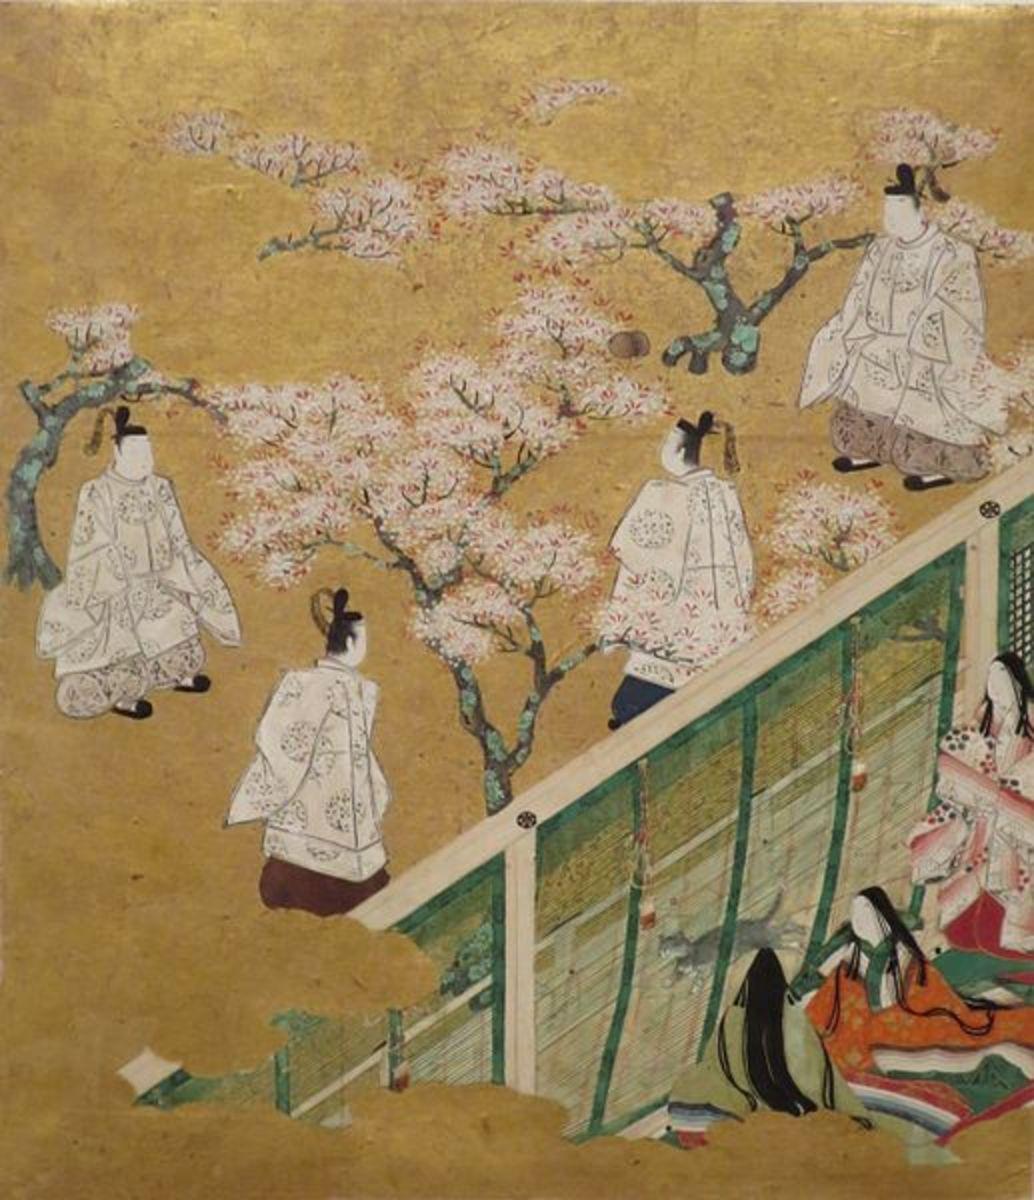 Lady Sarashina: Writer and Lady-in-Waiting of Heian Japan